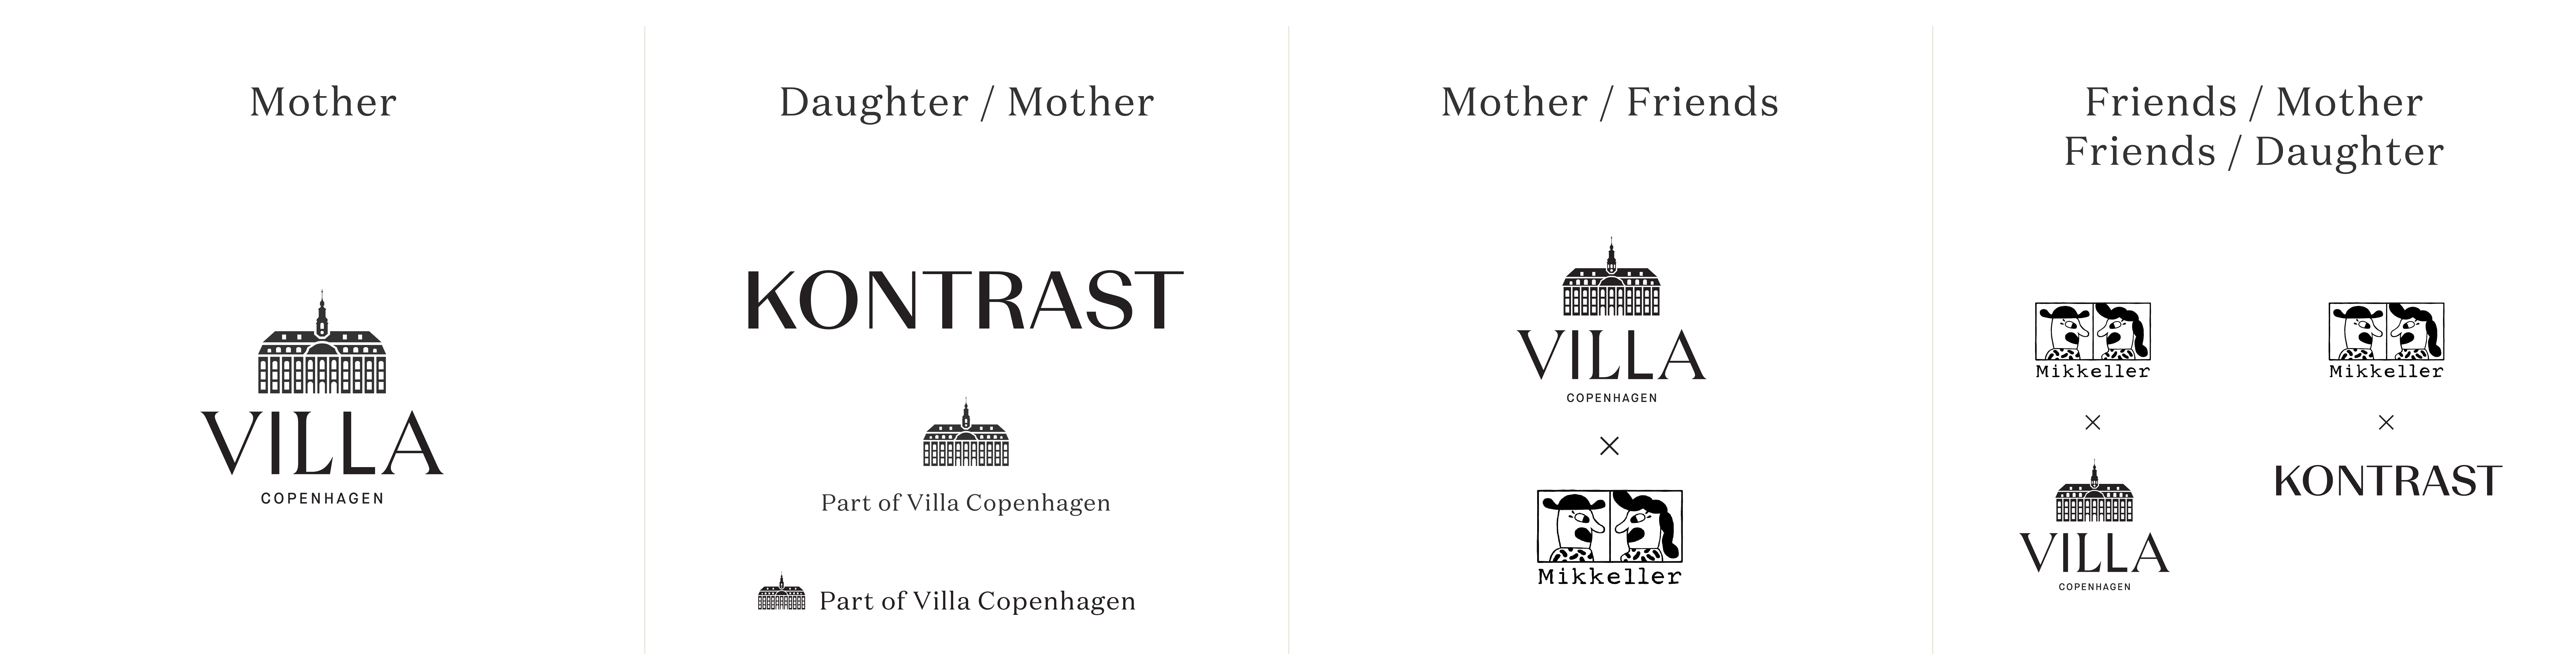 villa_co-branding-nwe